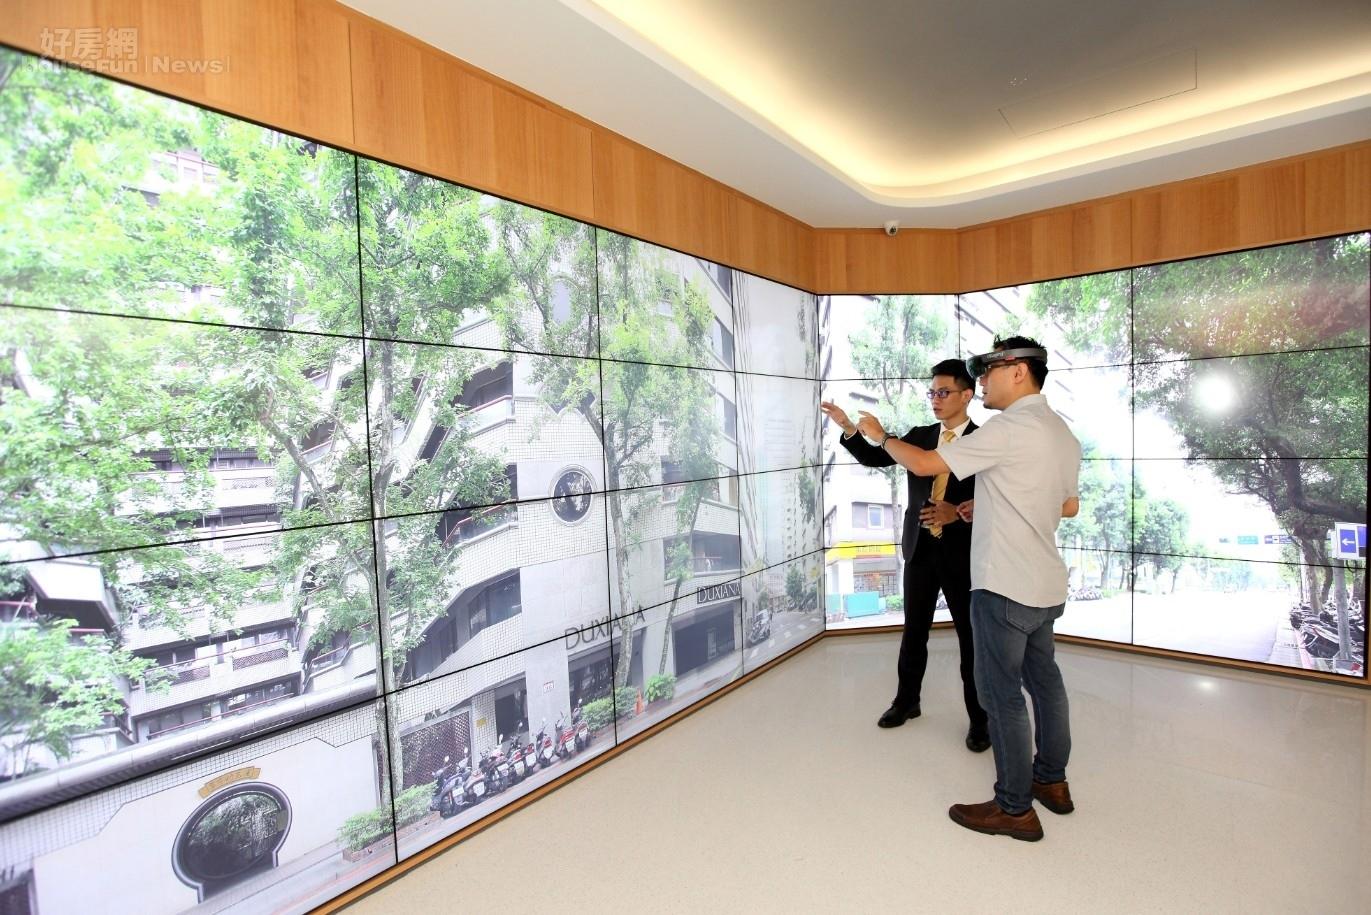 永慶《i+智慧創新體驗館》中的「i+智慧-智能生活」,運用最新混合實境(MR)技術,提供消費者「買屋前,先體驗周邊生活圈」的服務